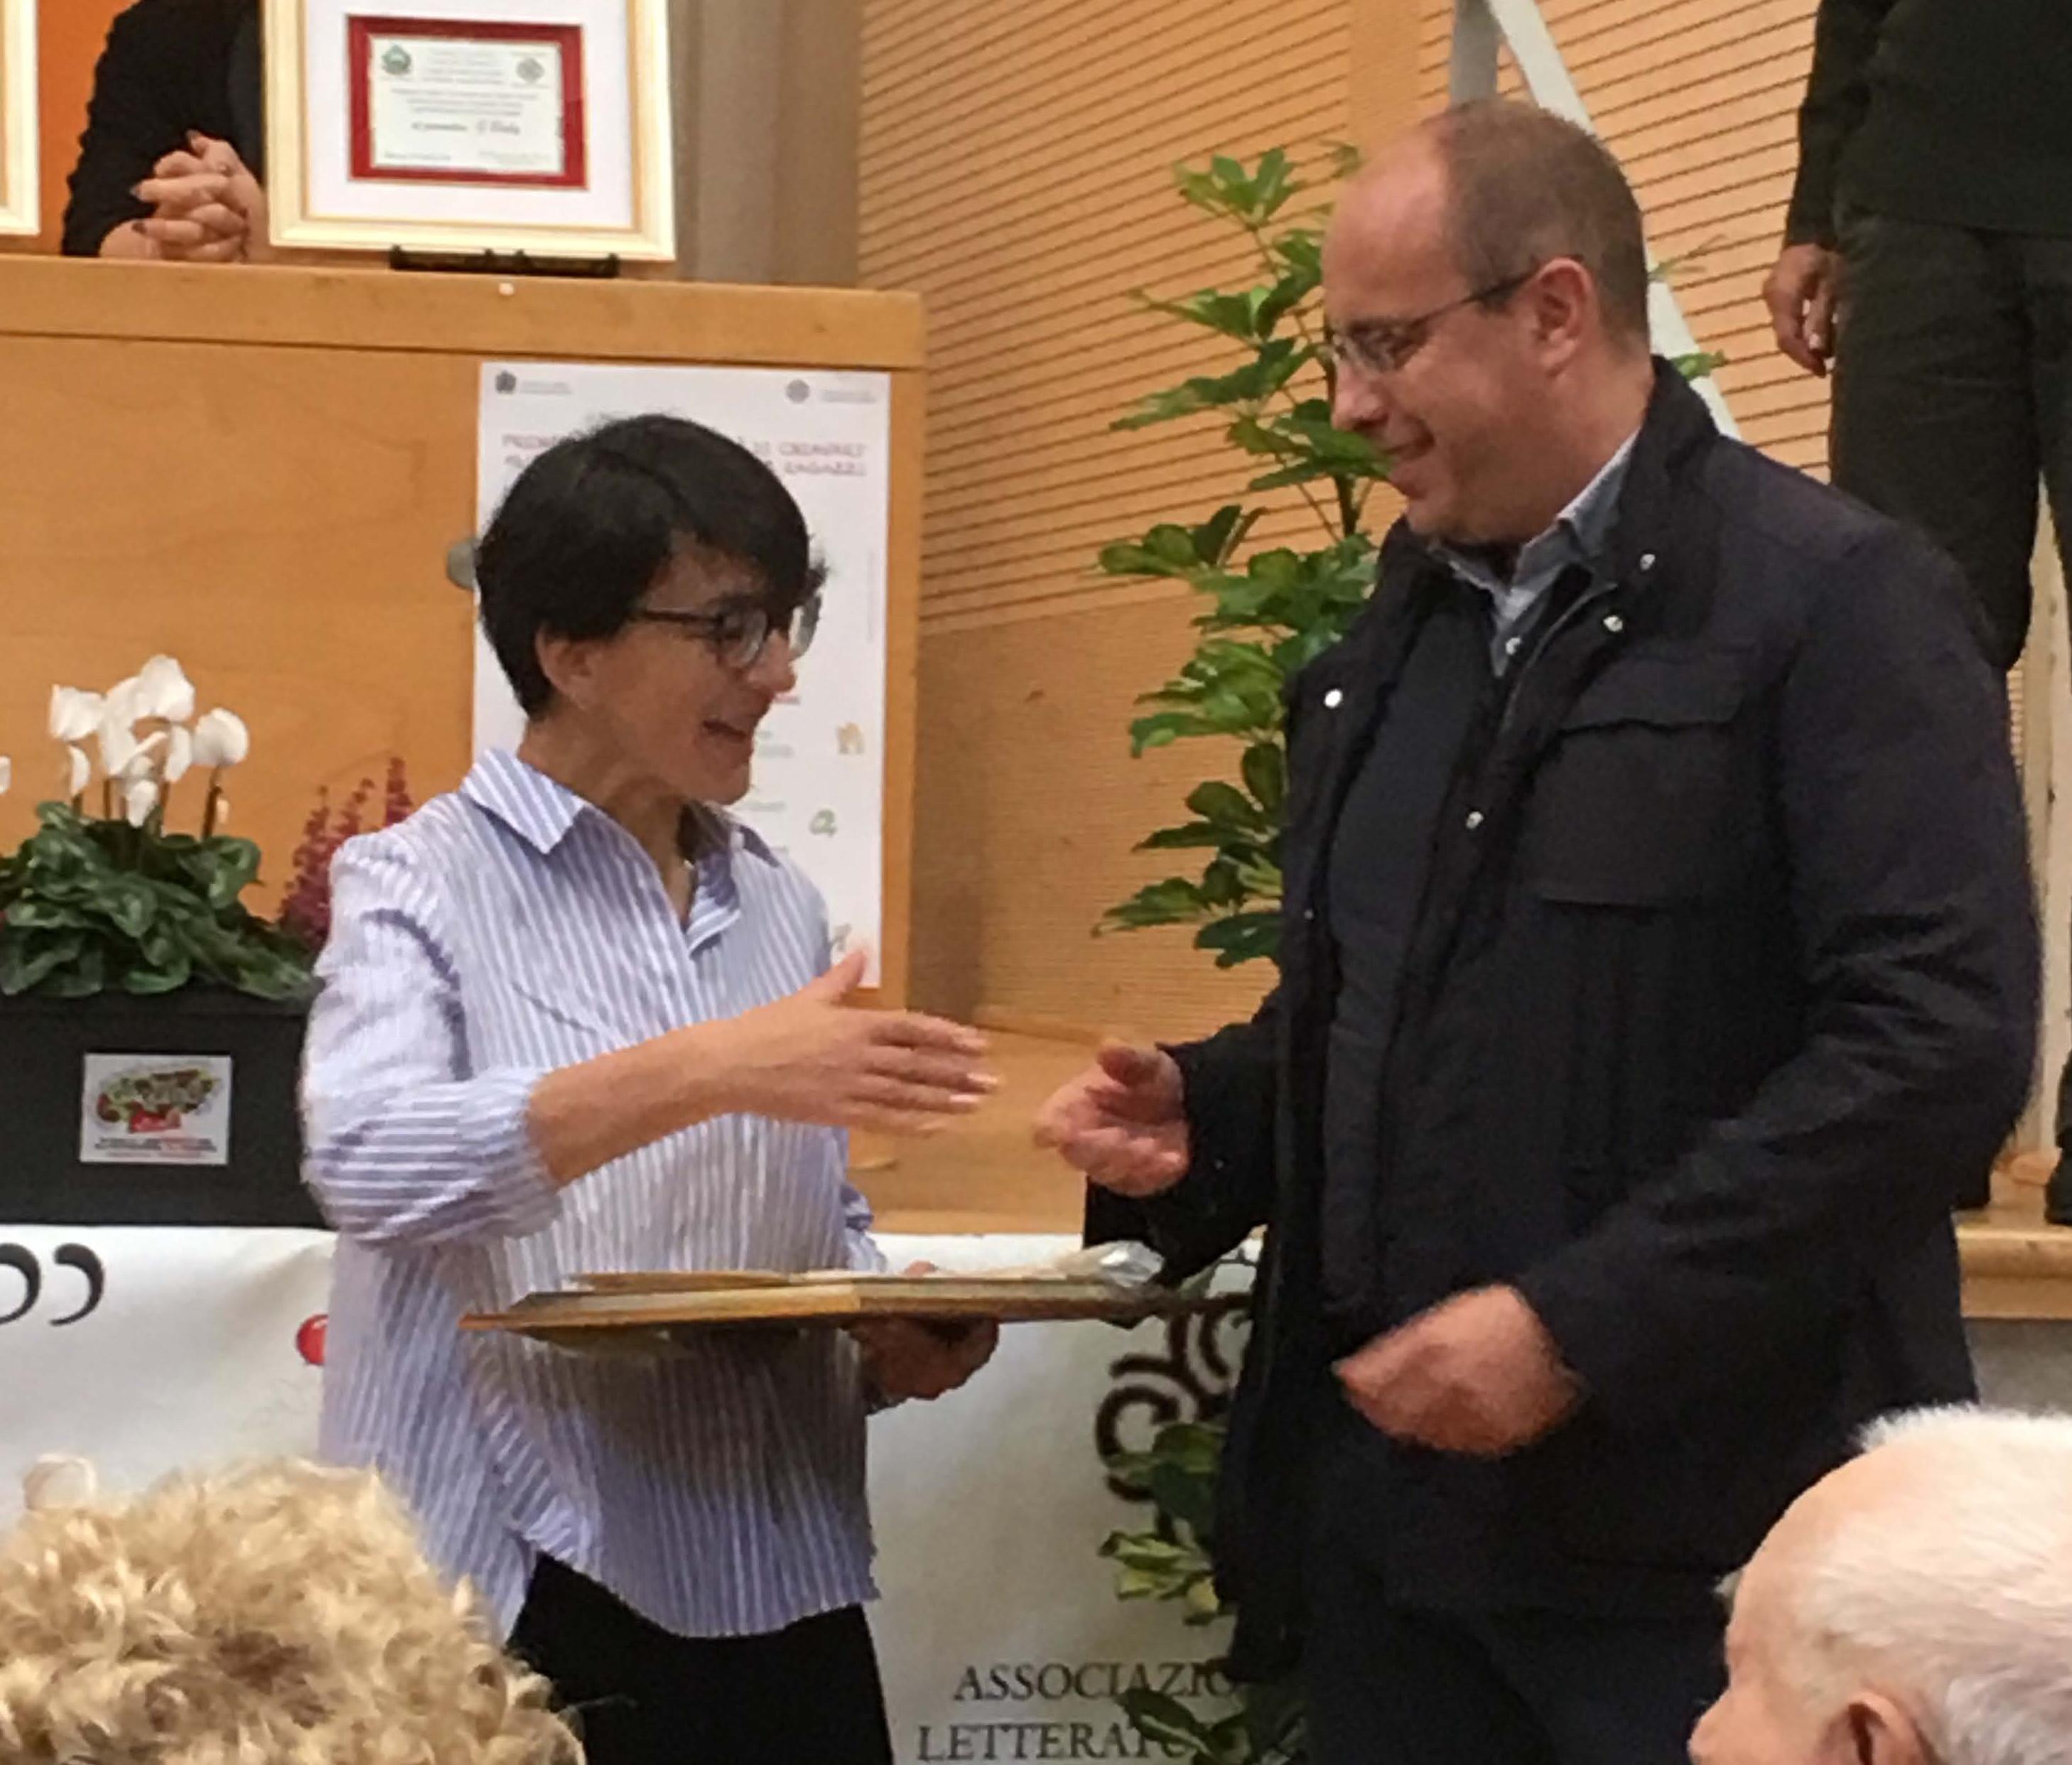 Marco Di Capua, Sindaco di Chiavari, consegna il Premio 2018 ad Anna Peiretti, Direttore de La Giostra